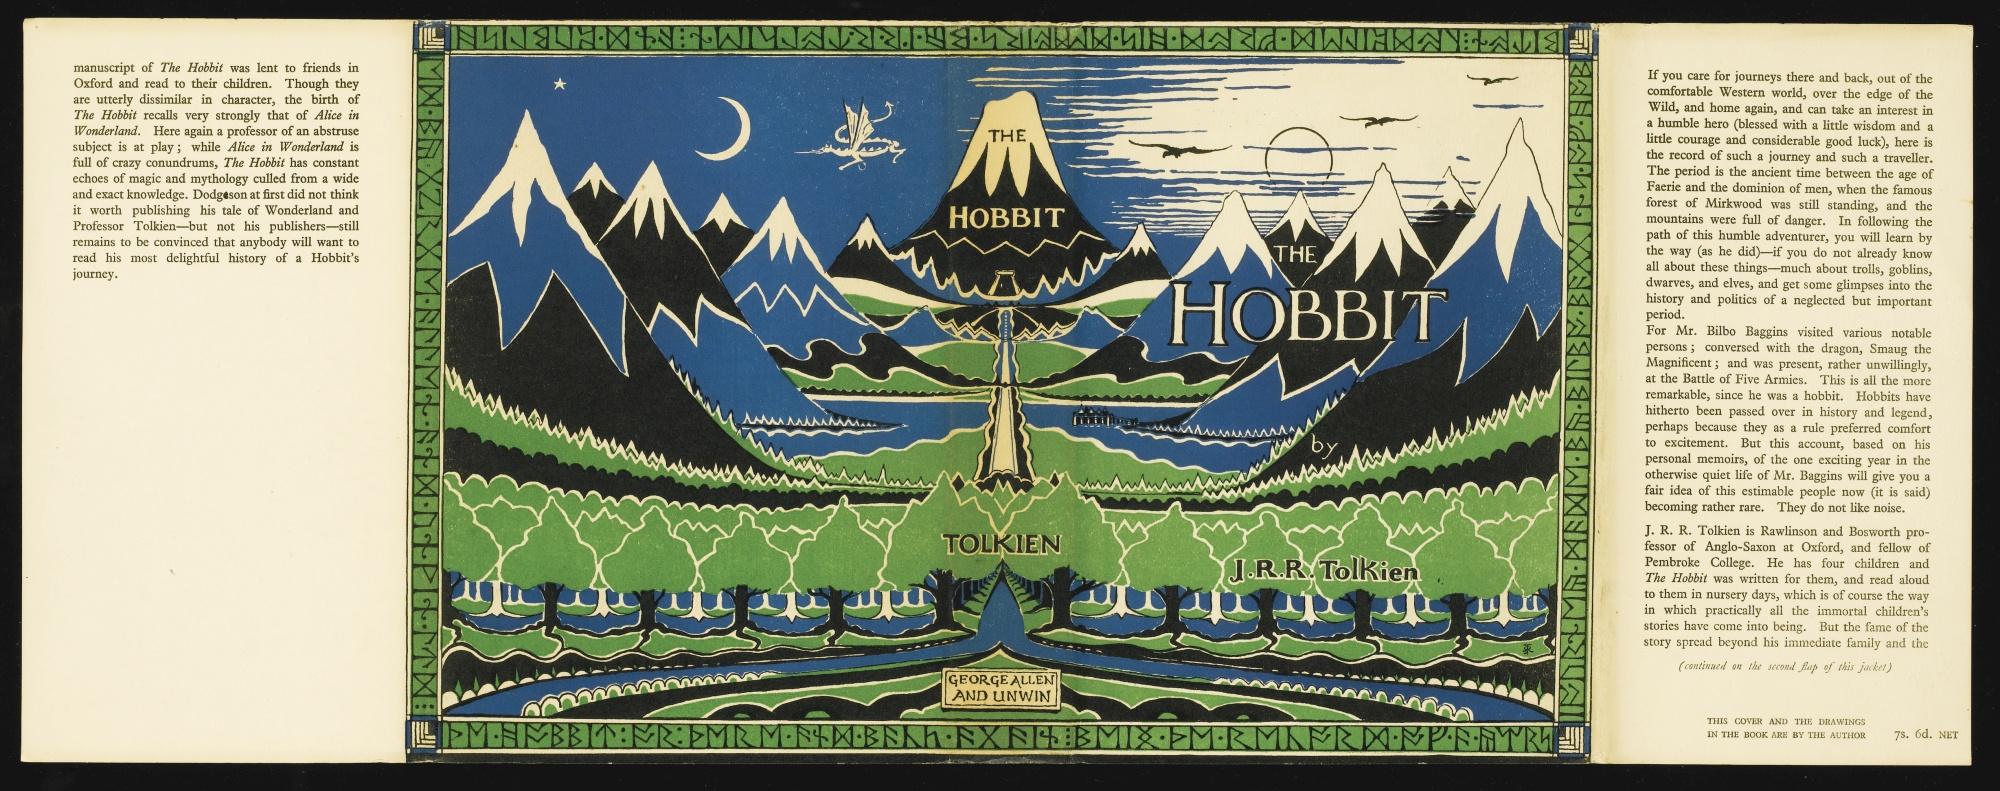 アレン・アンド・アンウィン社初版(1937)のカバー